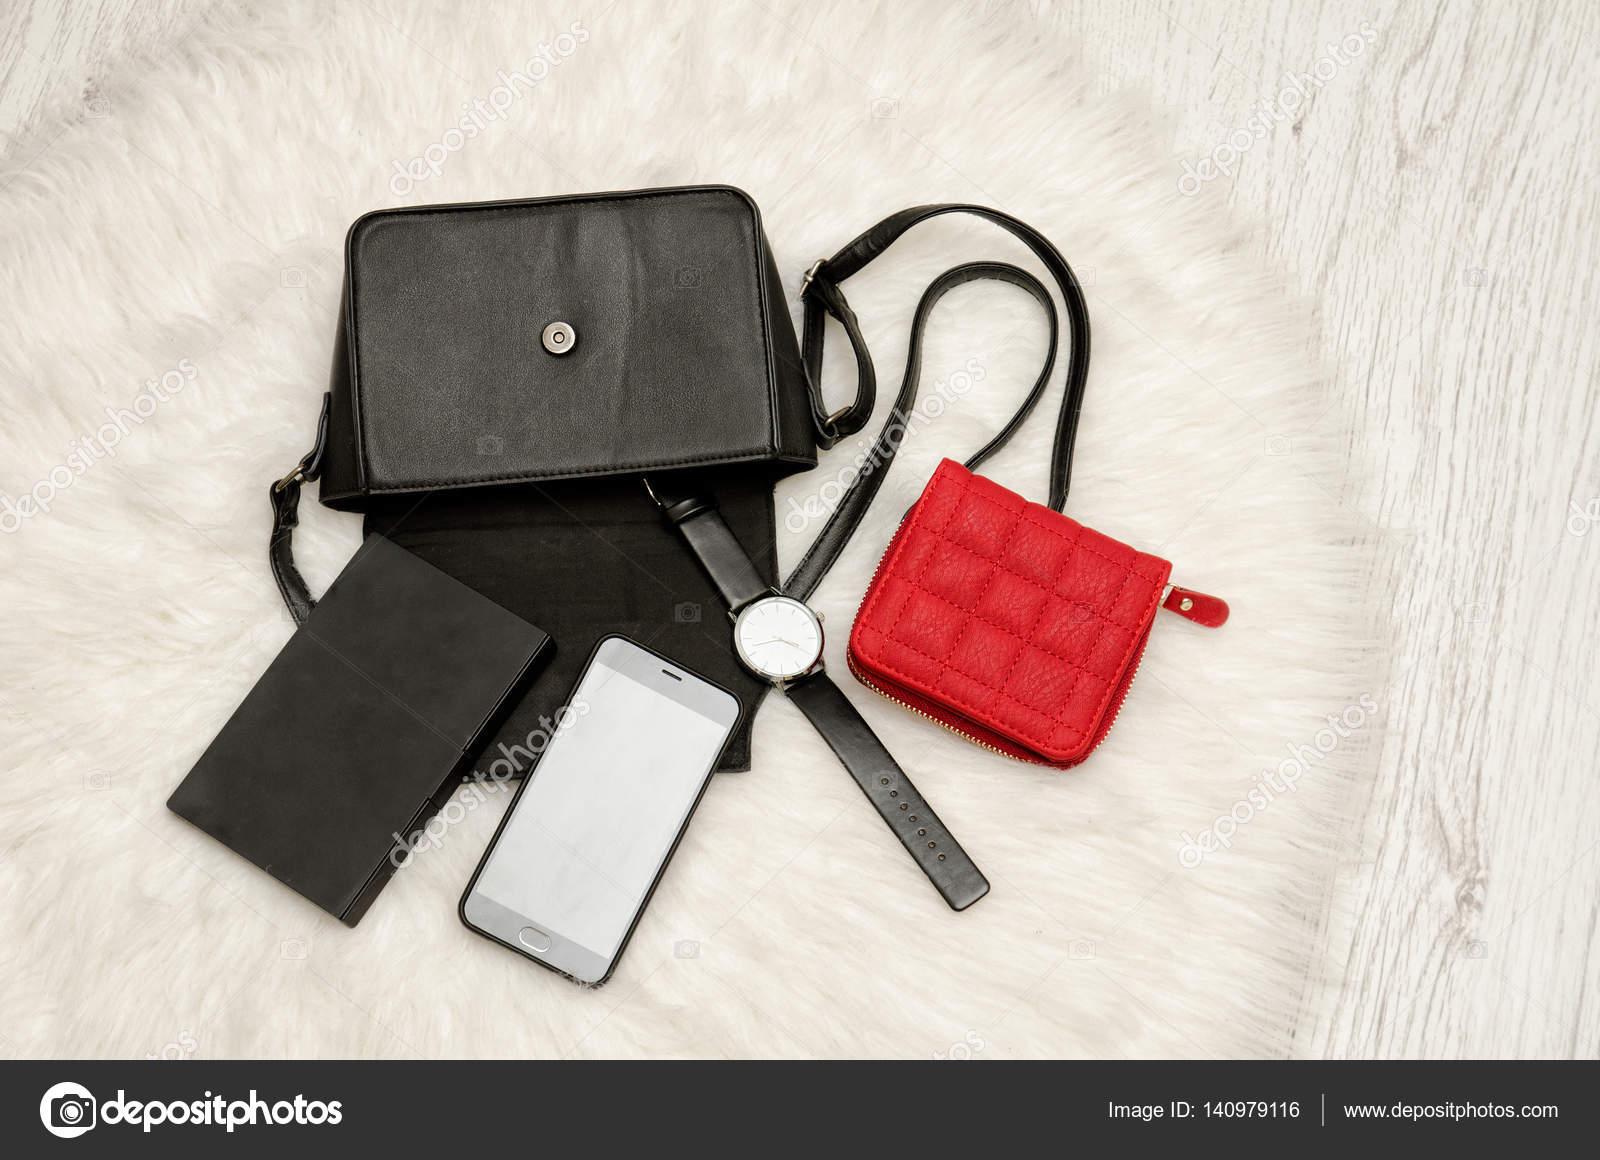 Сквирт российская фотки девушек с потерянных телефонов кунилингус раб домашних